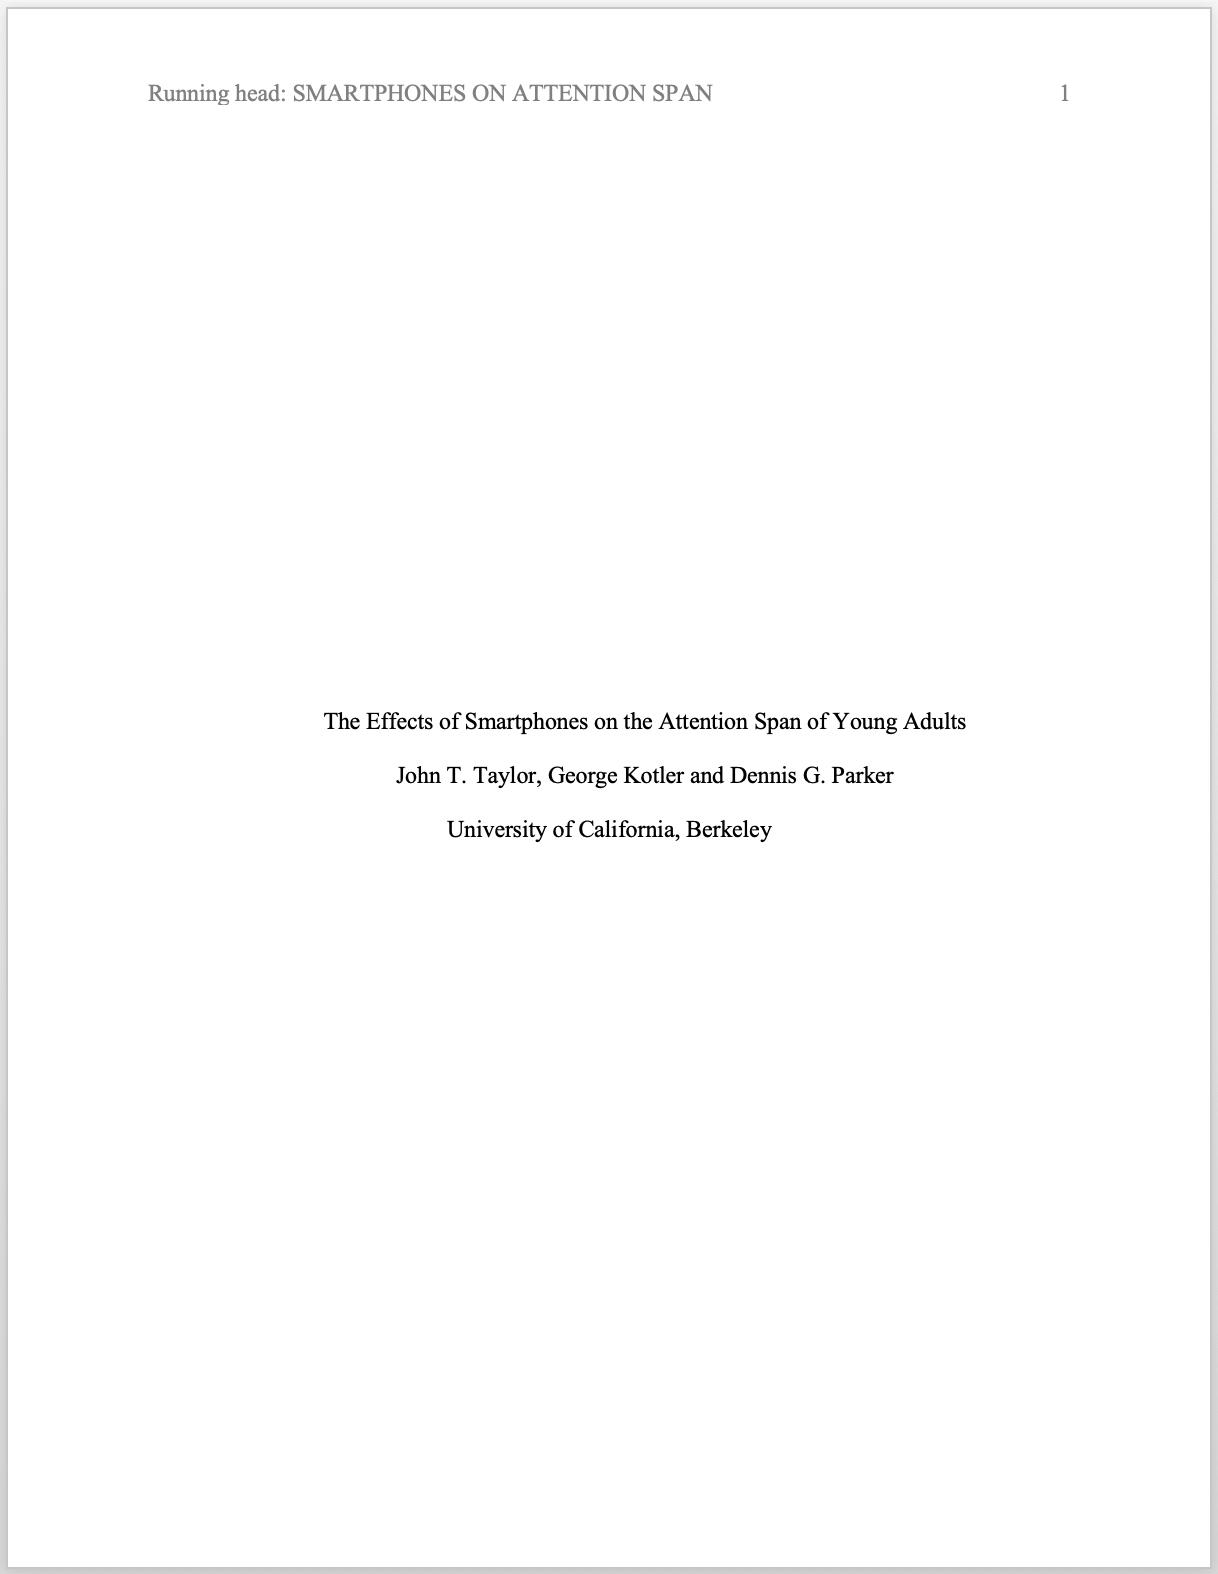 apa format title